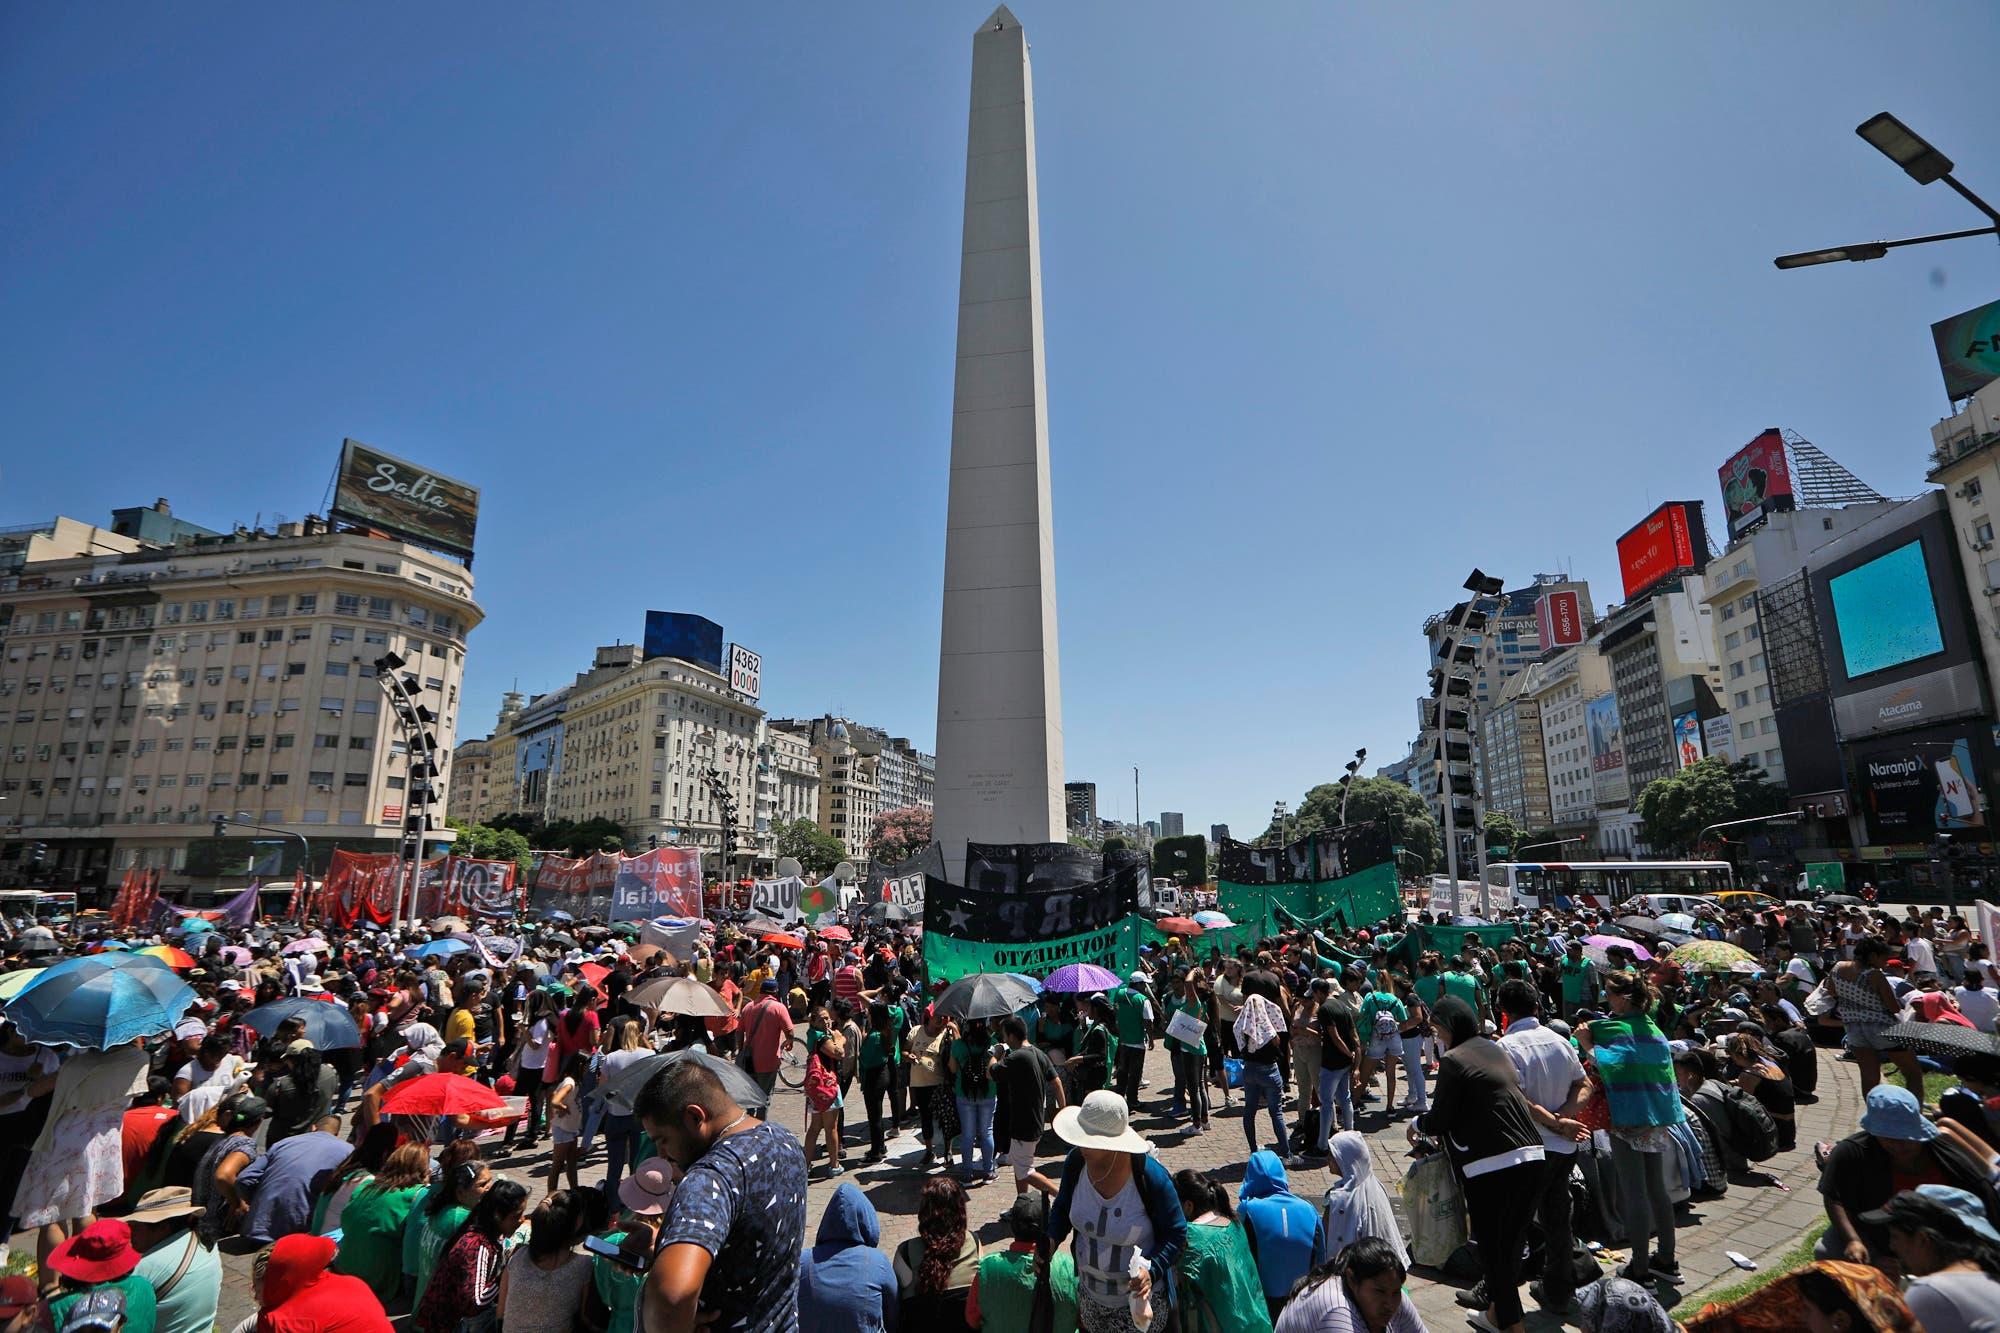 Comenzaron los cortes en el centro porteño por la marcha piquetera contra el FMI